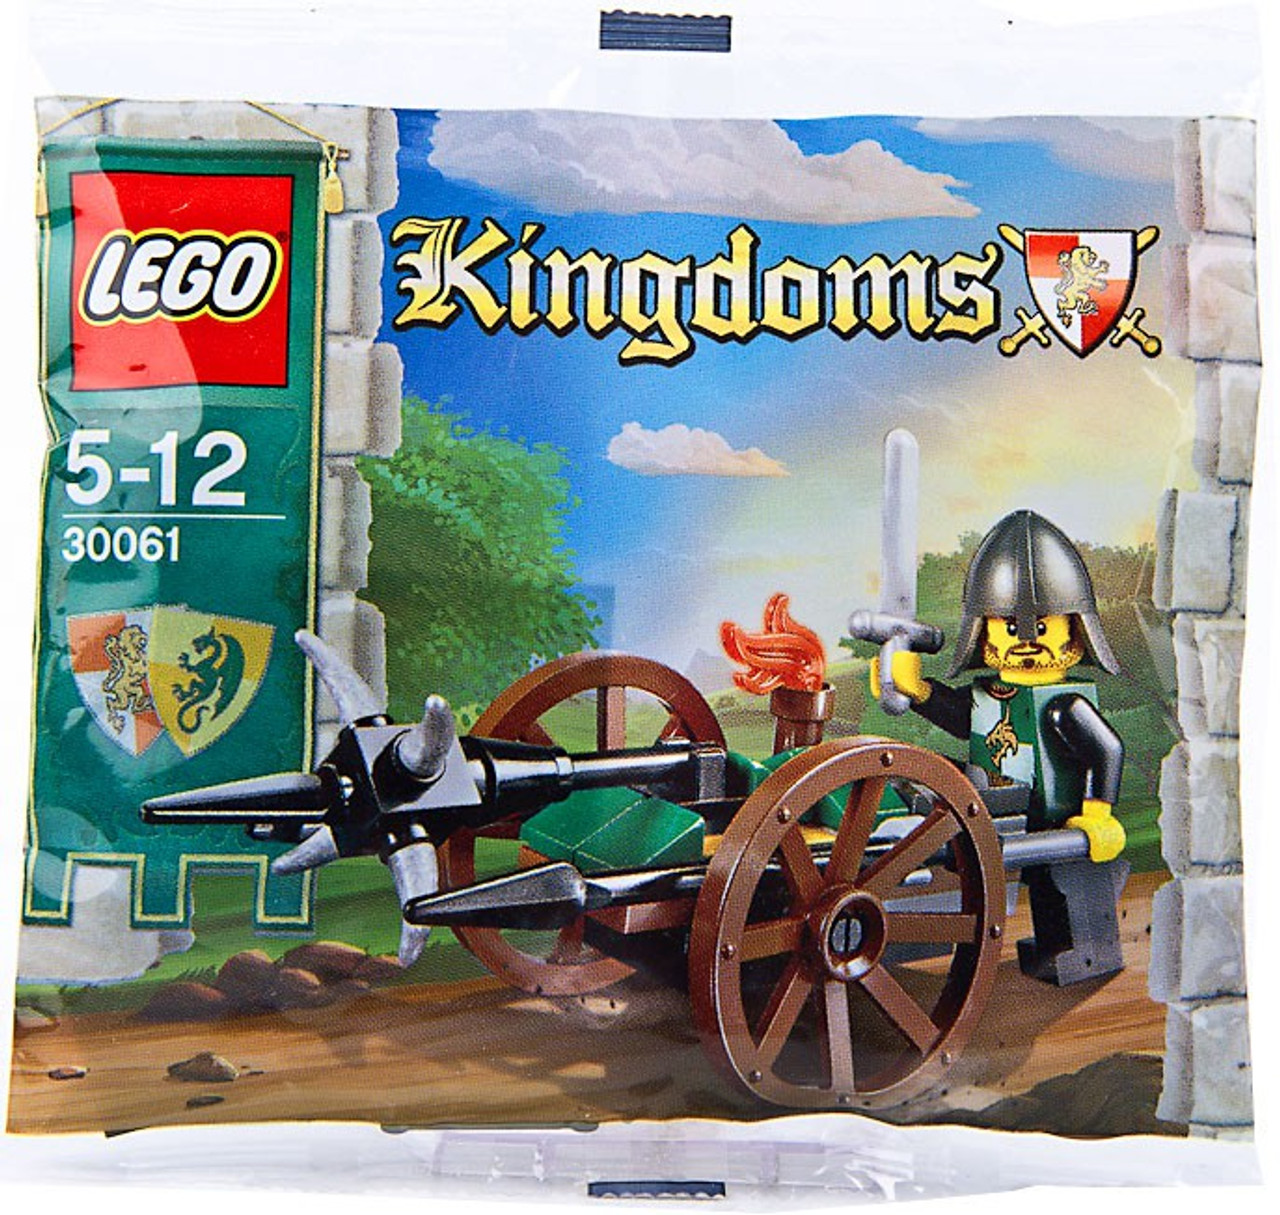 LEGO Knights Kingdom Siege Cart Mini Set #30061 [Bagged]